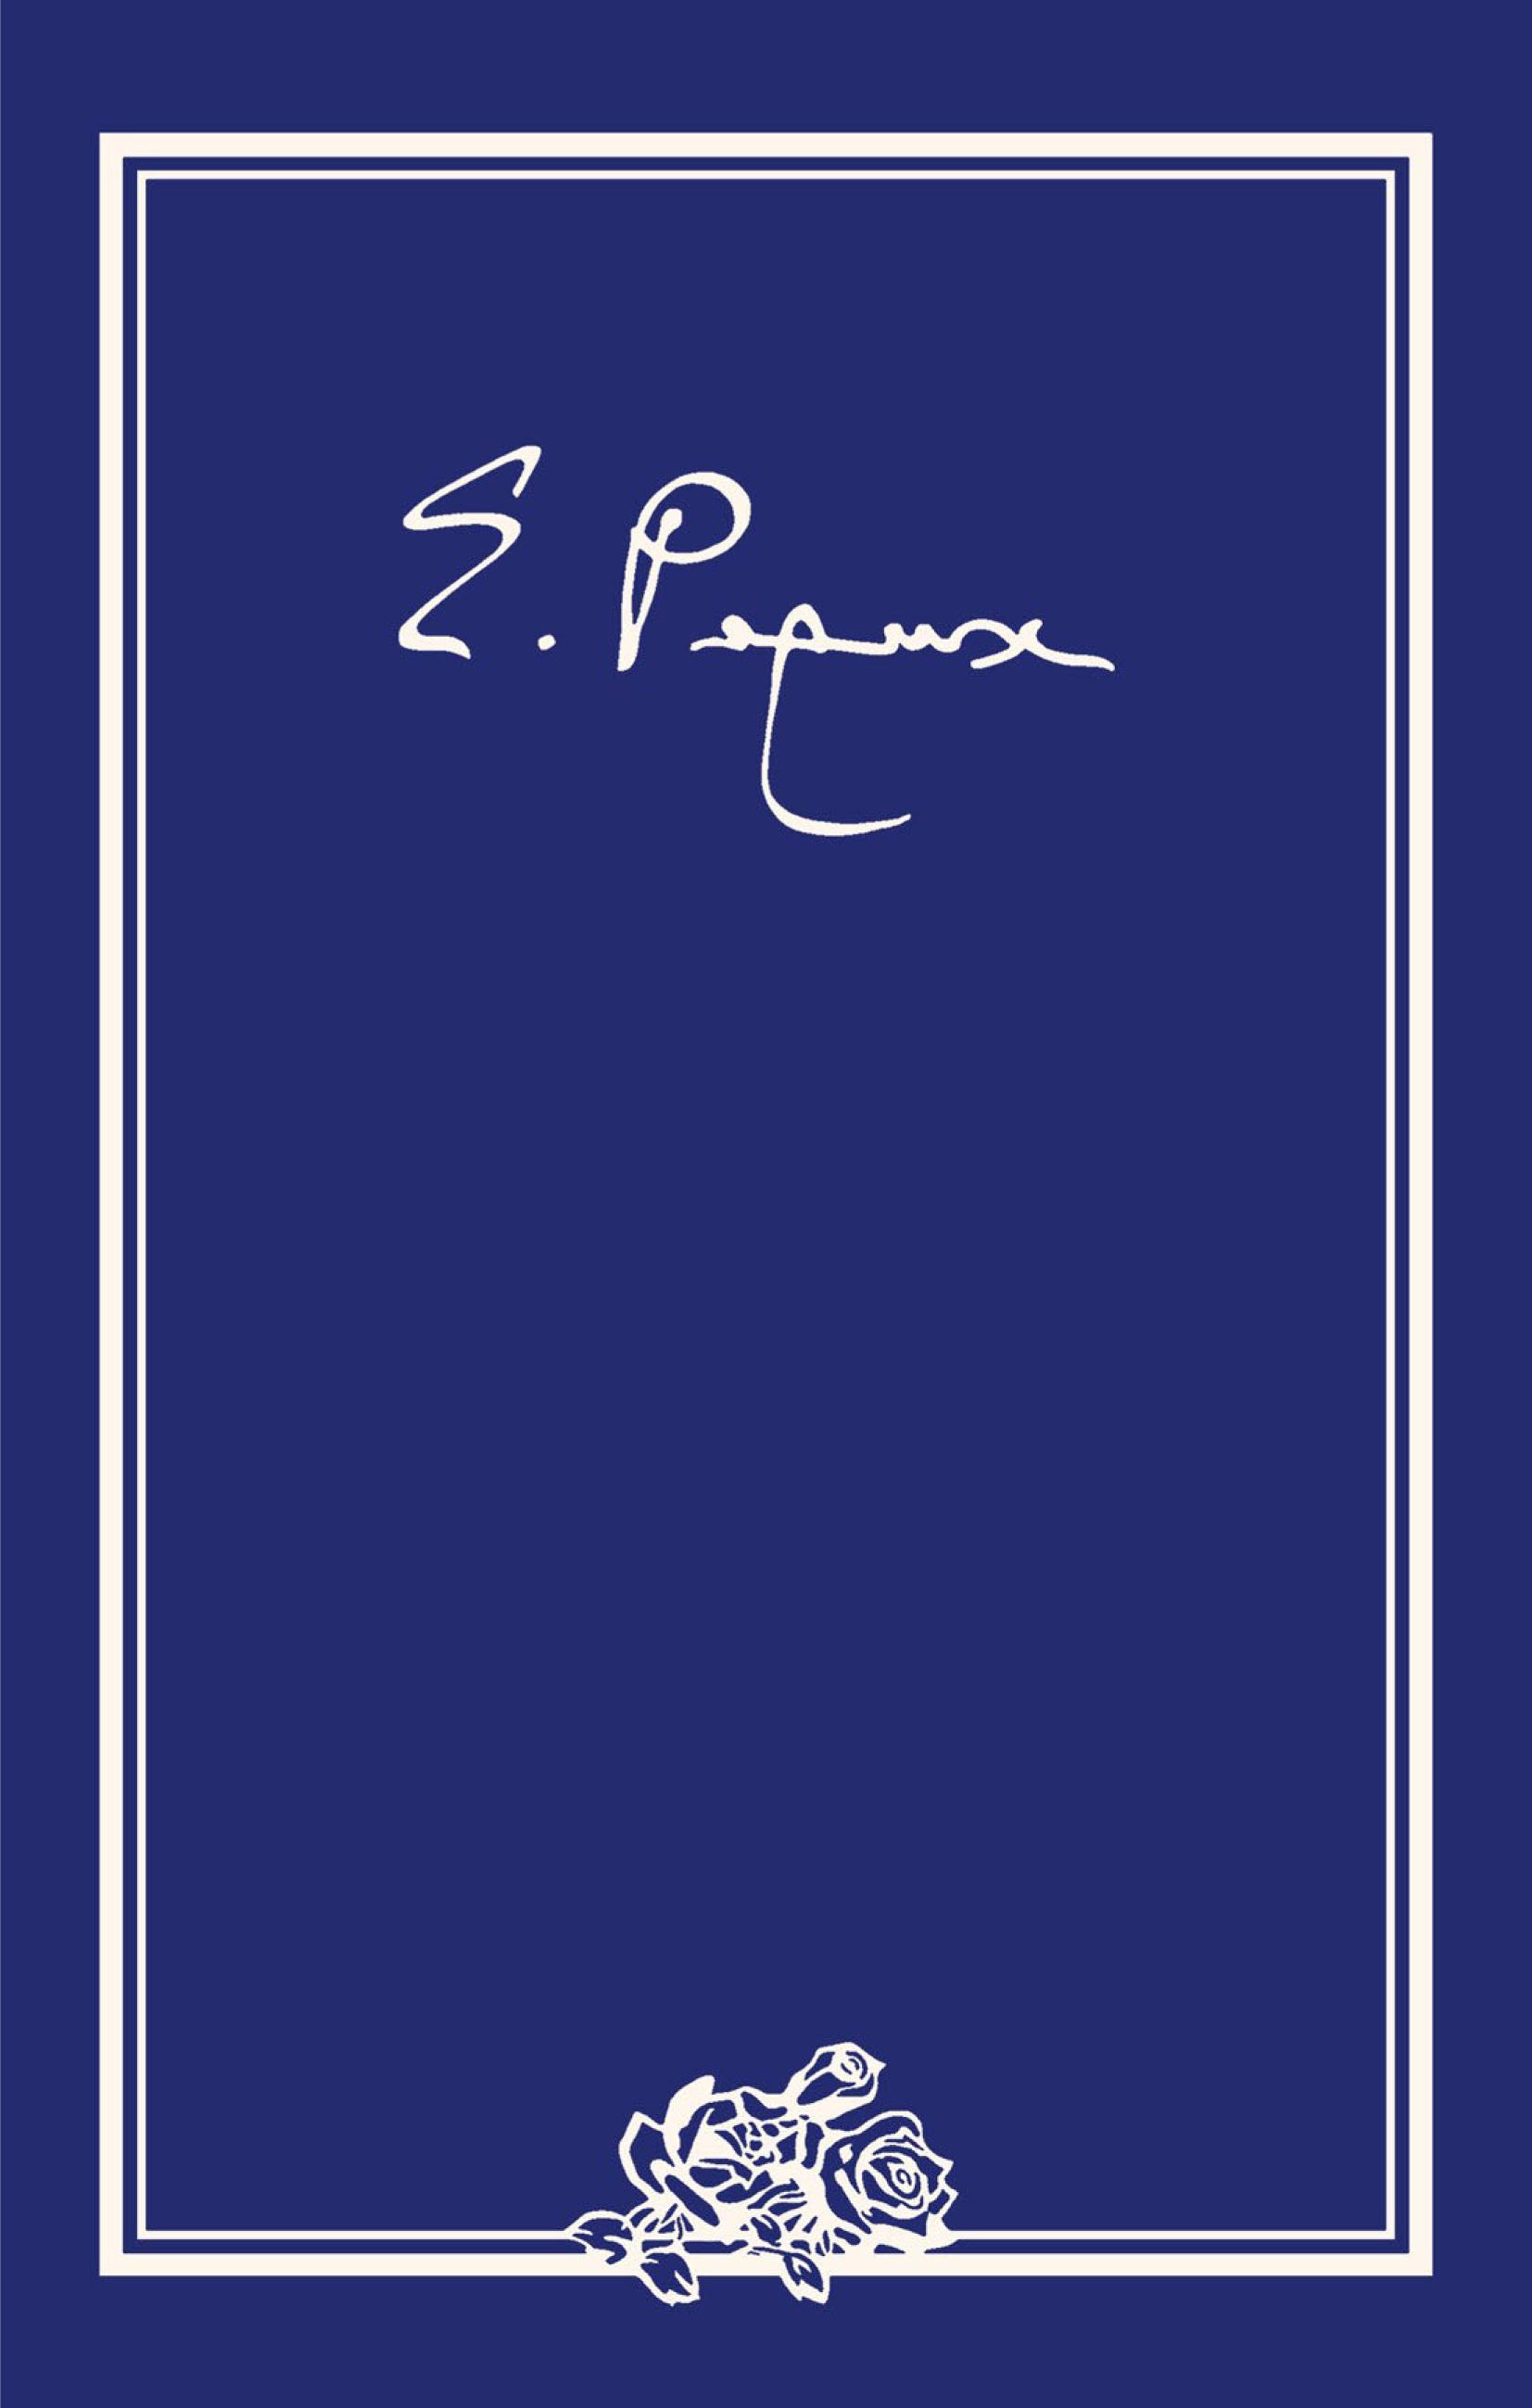 Елена Рерих Елена Ивановна Рерих. Письма. Том III (1935 г.) елена рерих у порога нового мира сборник